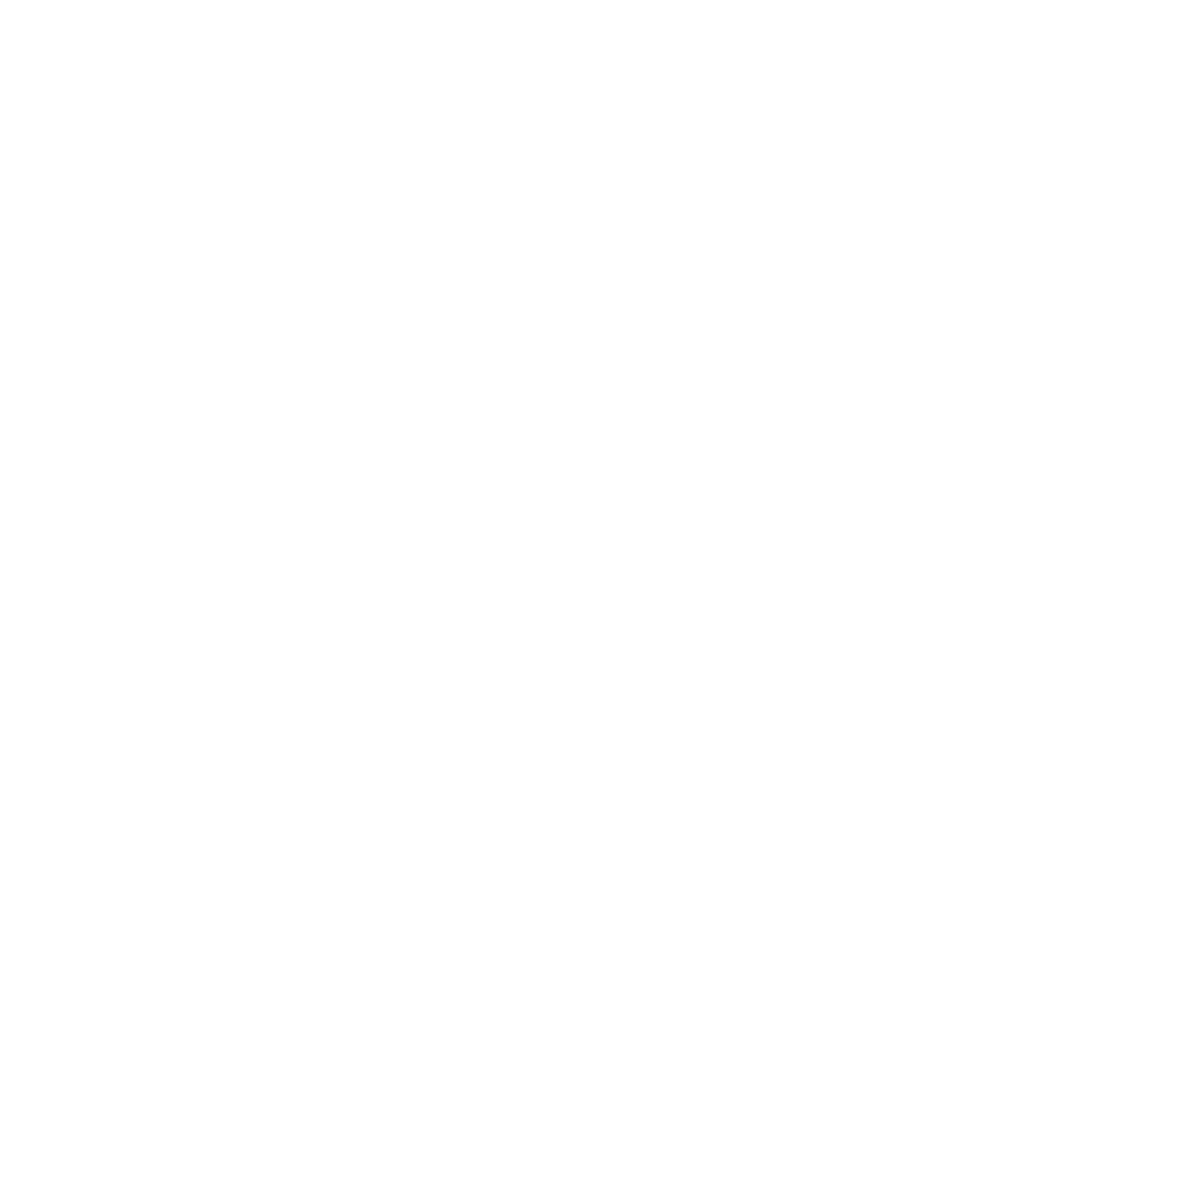 Siete un gruppo di cittadini?